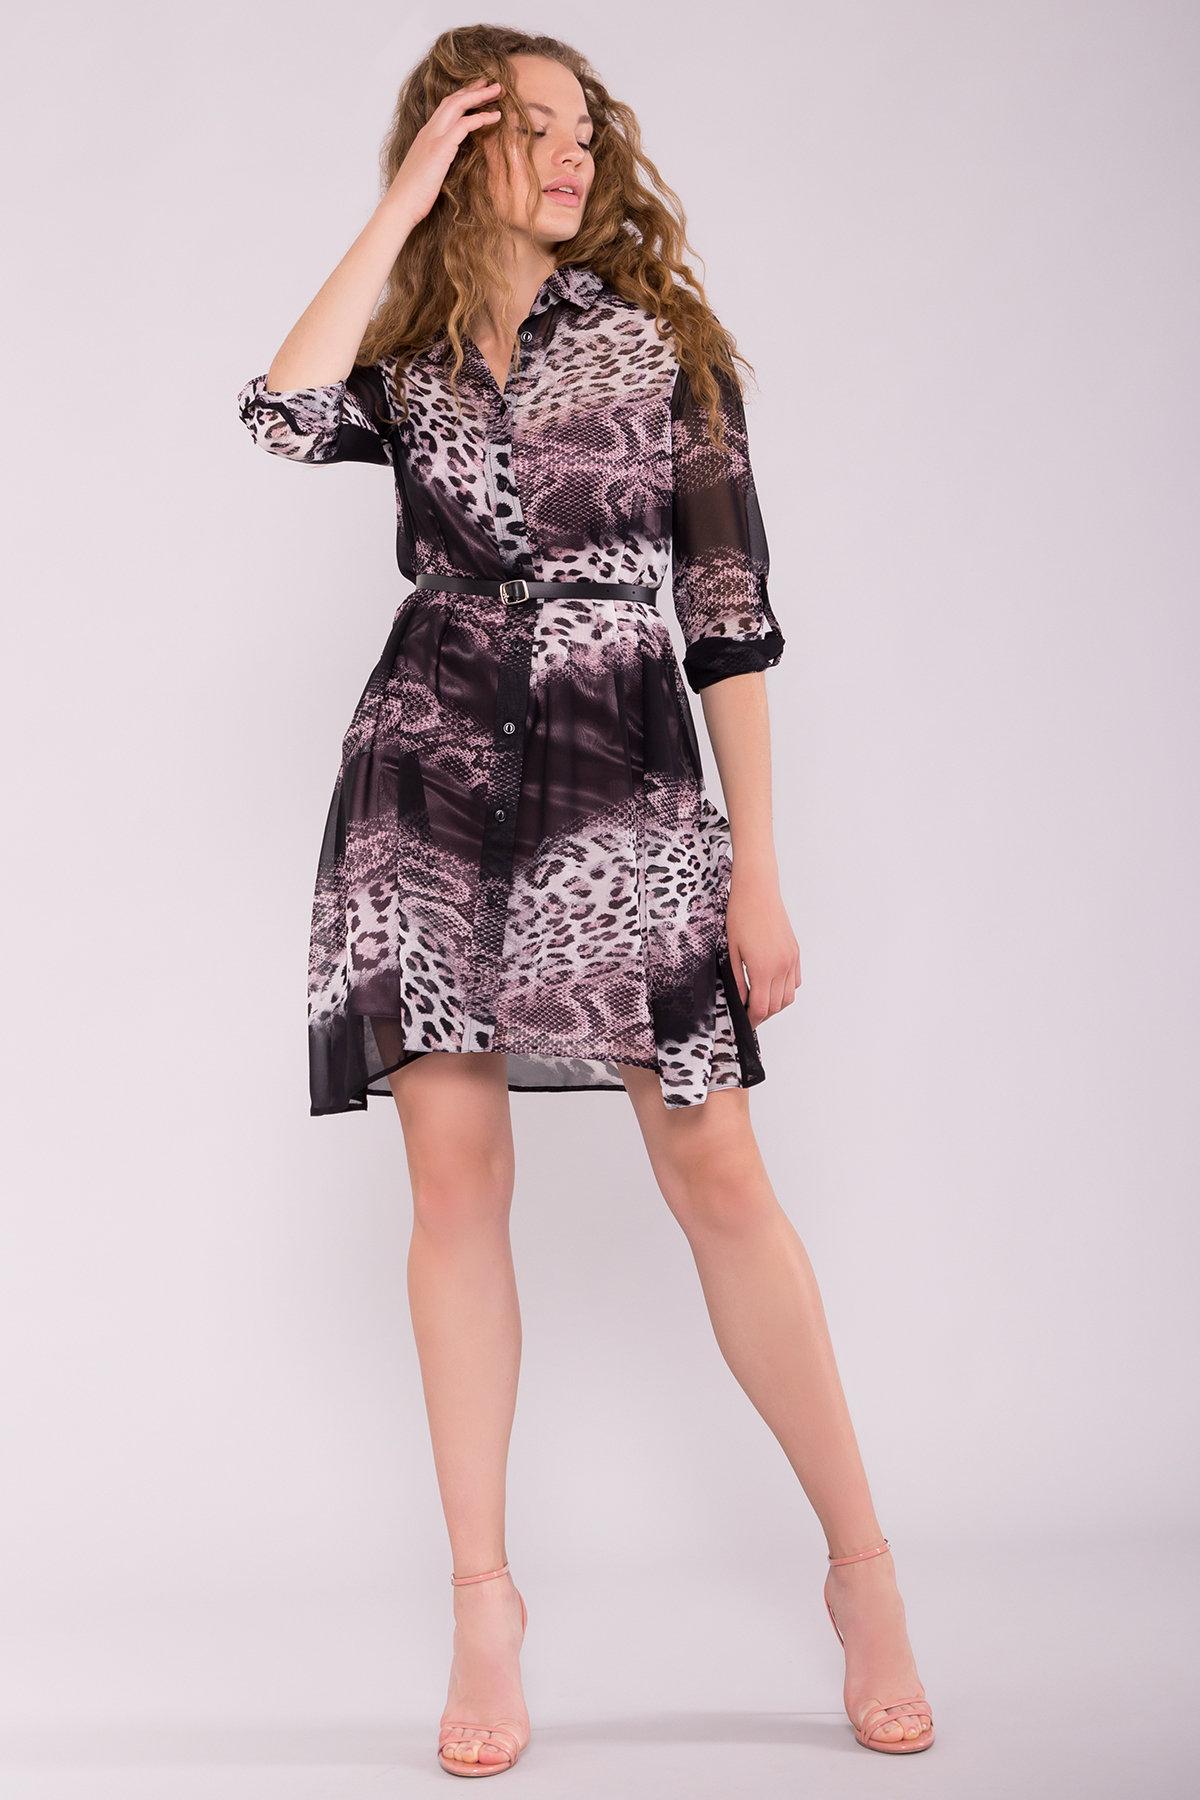 Платье-рубашка Сохо 6783 АРТ. 42514 Цвет: Леопард цветы молоко/беж - фото 3, интернет магазин tm-modus.ru